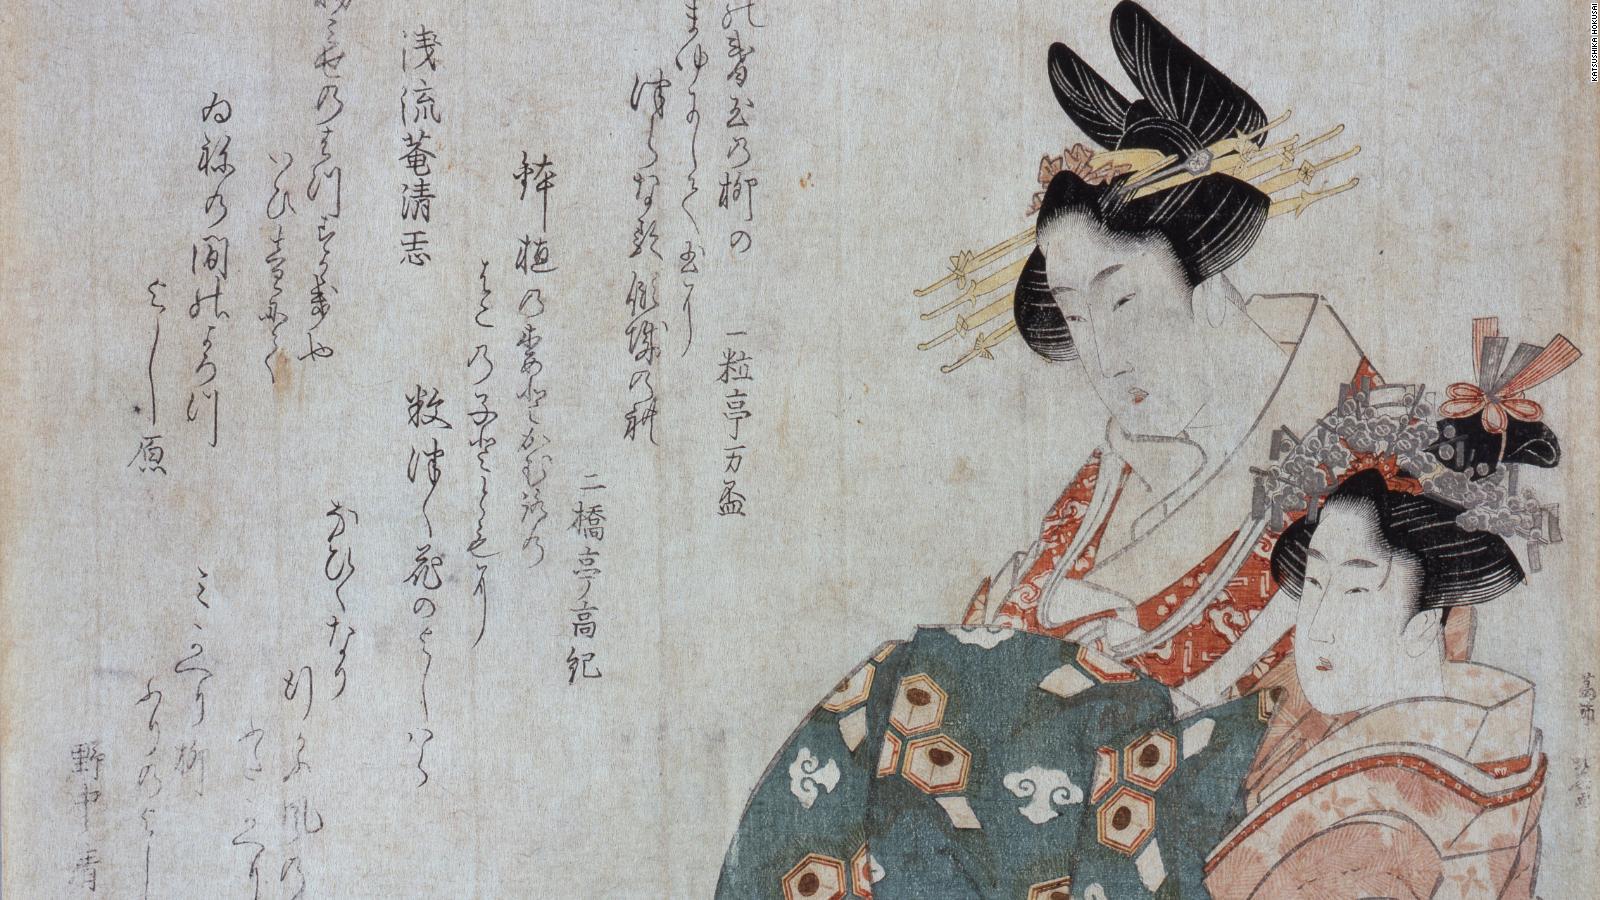 181101171547-katsushika-hokusai-6-full-169